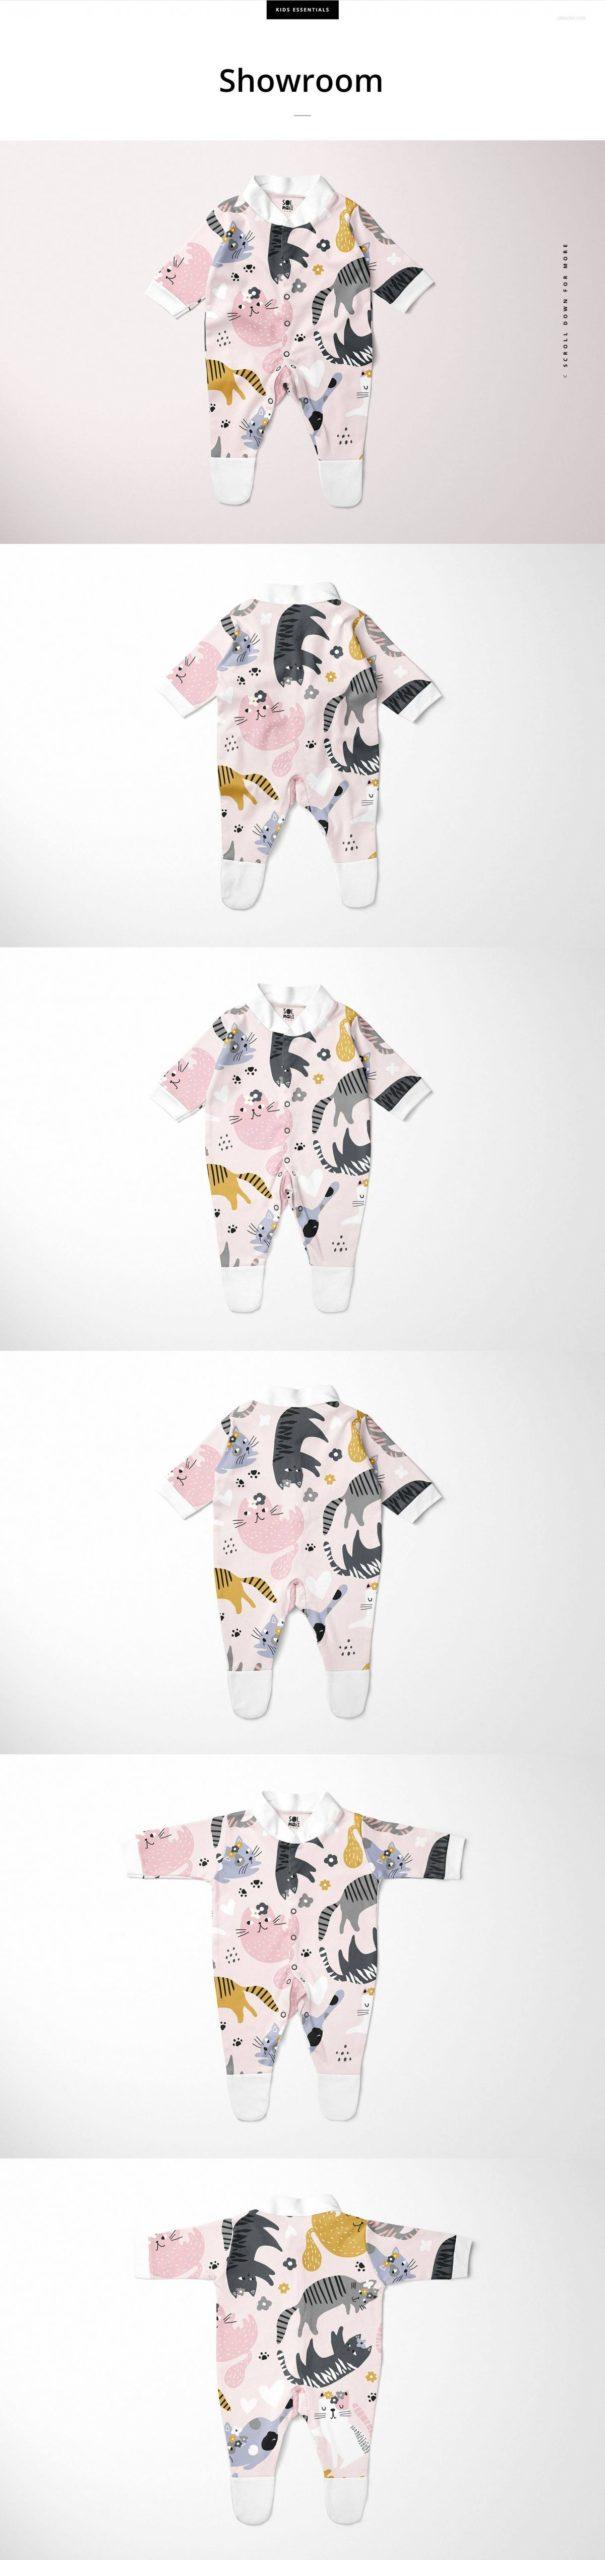 时尚婴儿连衣睡衣印花图案设计PS展示贴图样机合集 Babygrow Sleepsuit Mockup Set插图3